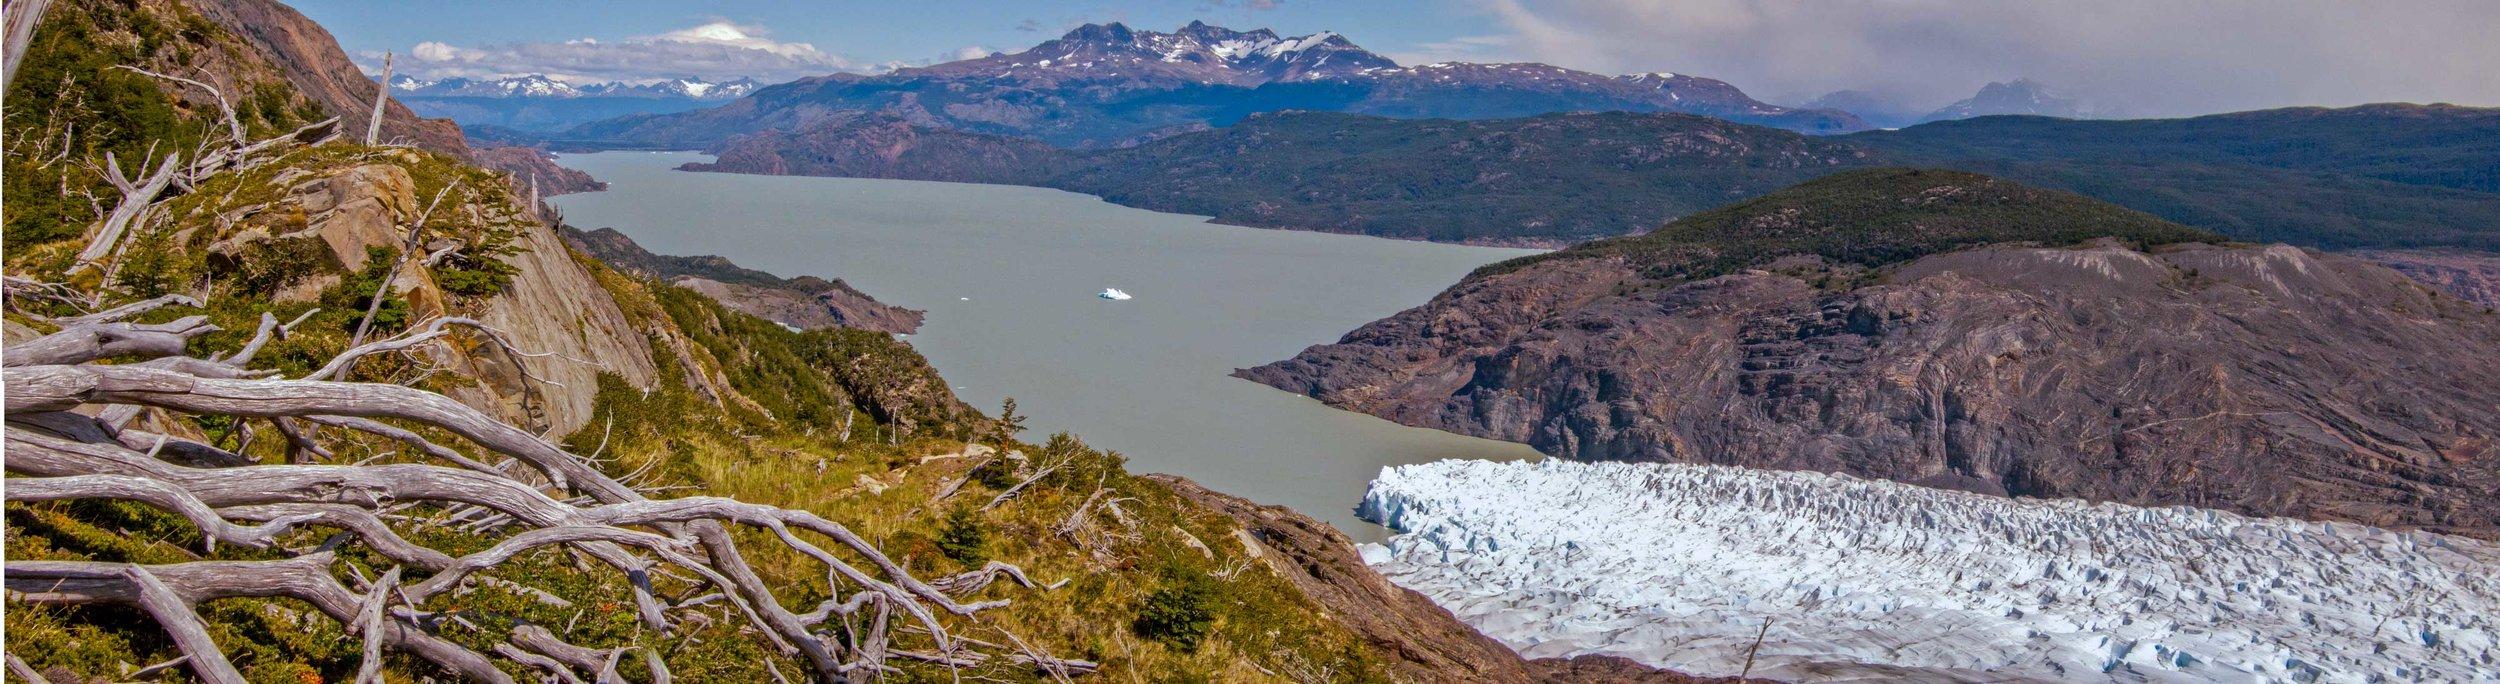 Patagonia WebSized-42.jpg